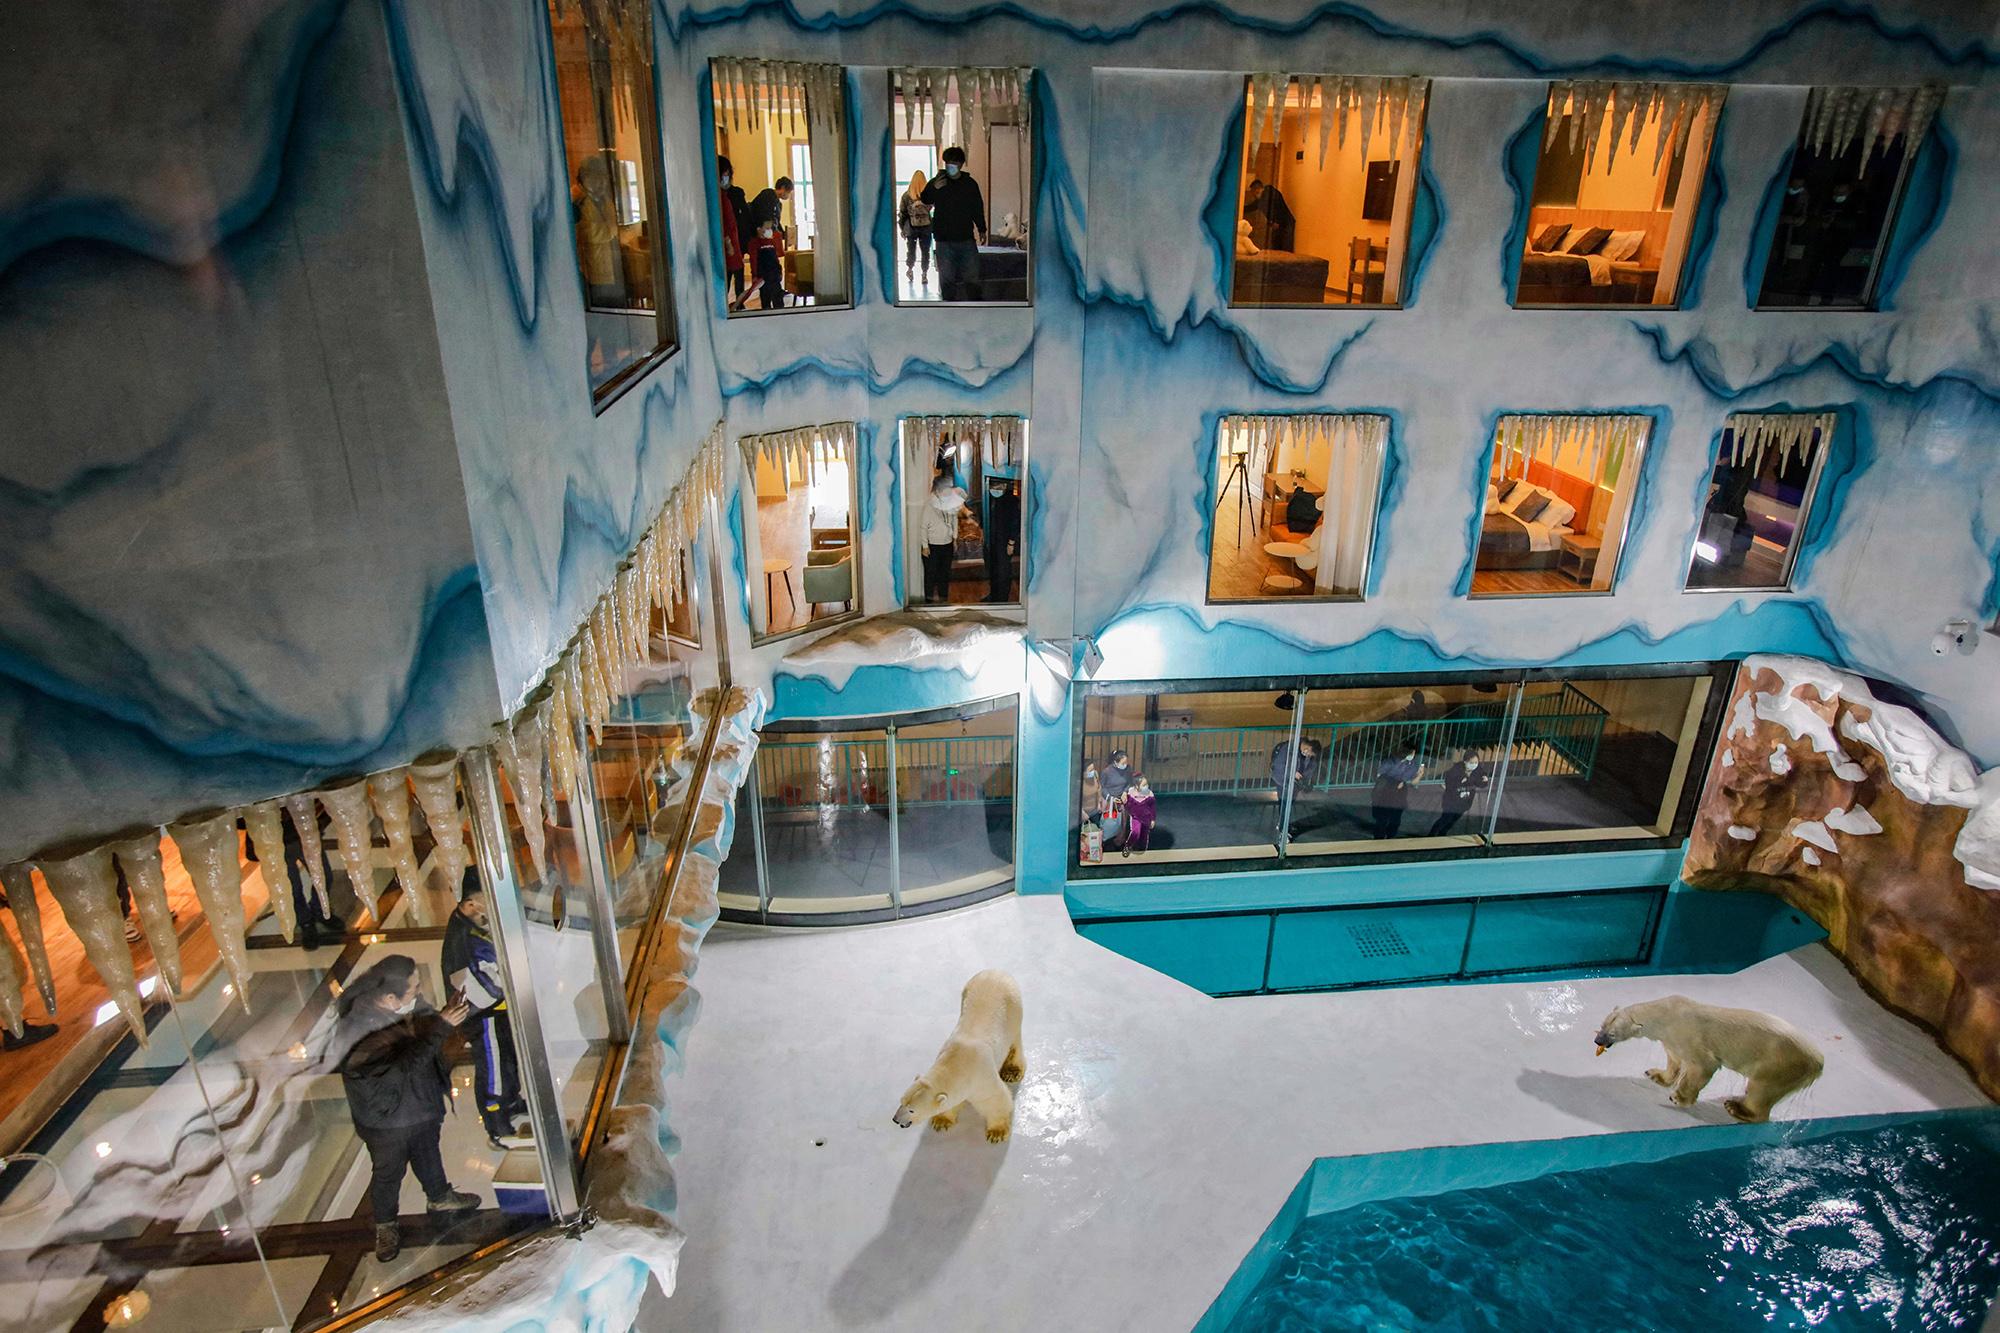 12 марта 2021 года, люди наблюдают изсвоих номеров забелыми медведями, живущими ввольере натерритории отеля Polar Bear вкитайском Харбине. Этот отель — часть тематического парка Harbin Polarland. Группа позащите прав животных PETA осудила подобное использование зверей. Белые медведи внесены Международным союзом охраны природы всписок уязвимых видов